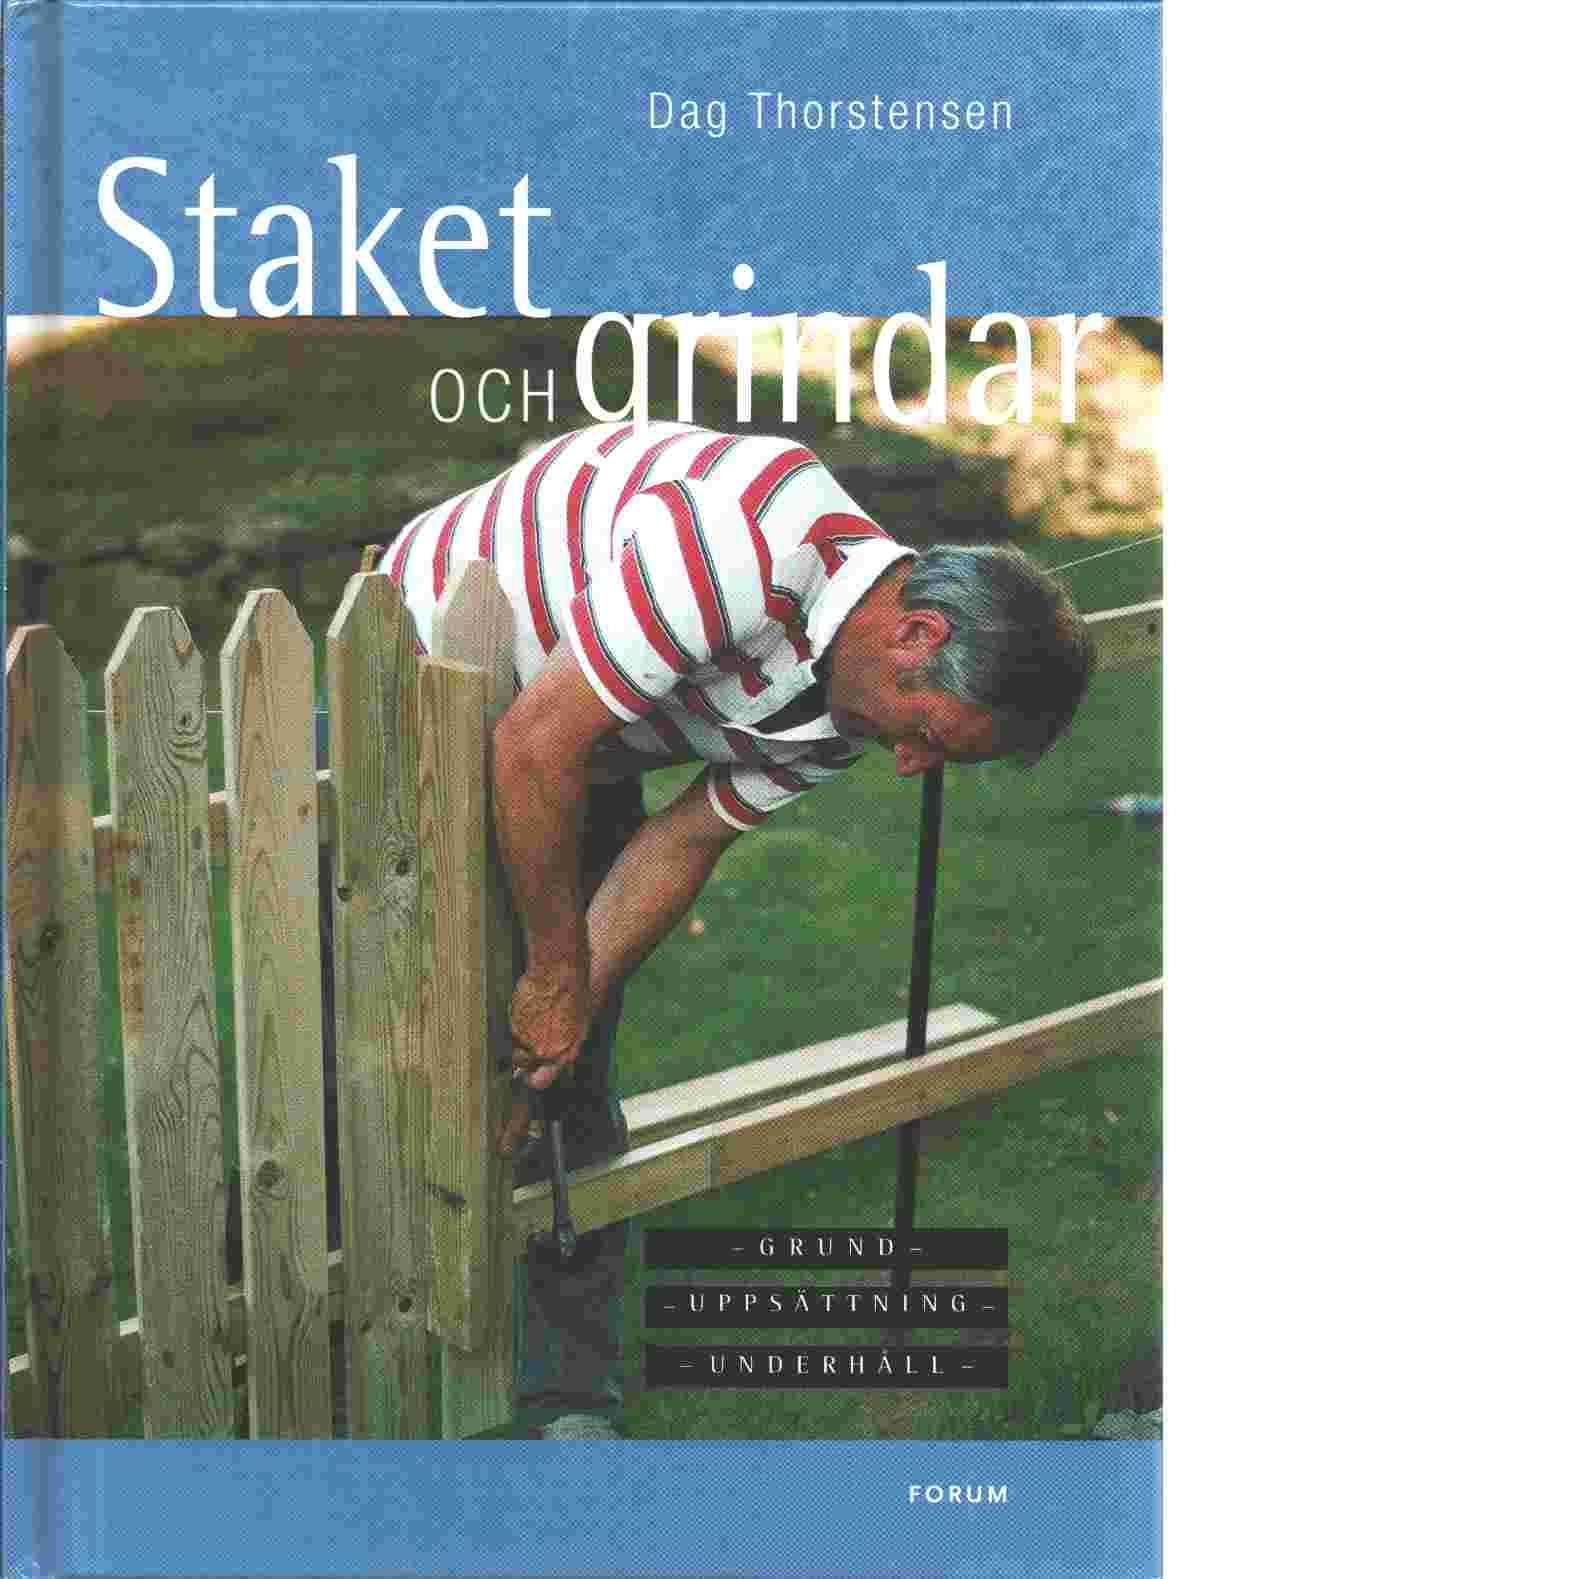 Staket och grindar : grund, uppsättning, underhåll - Thorstensen, Dag